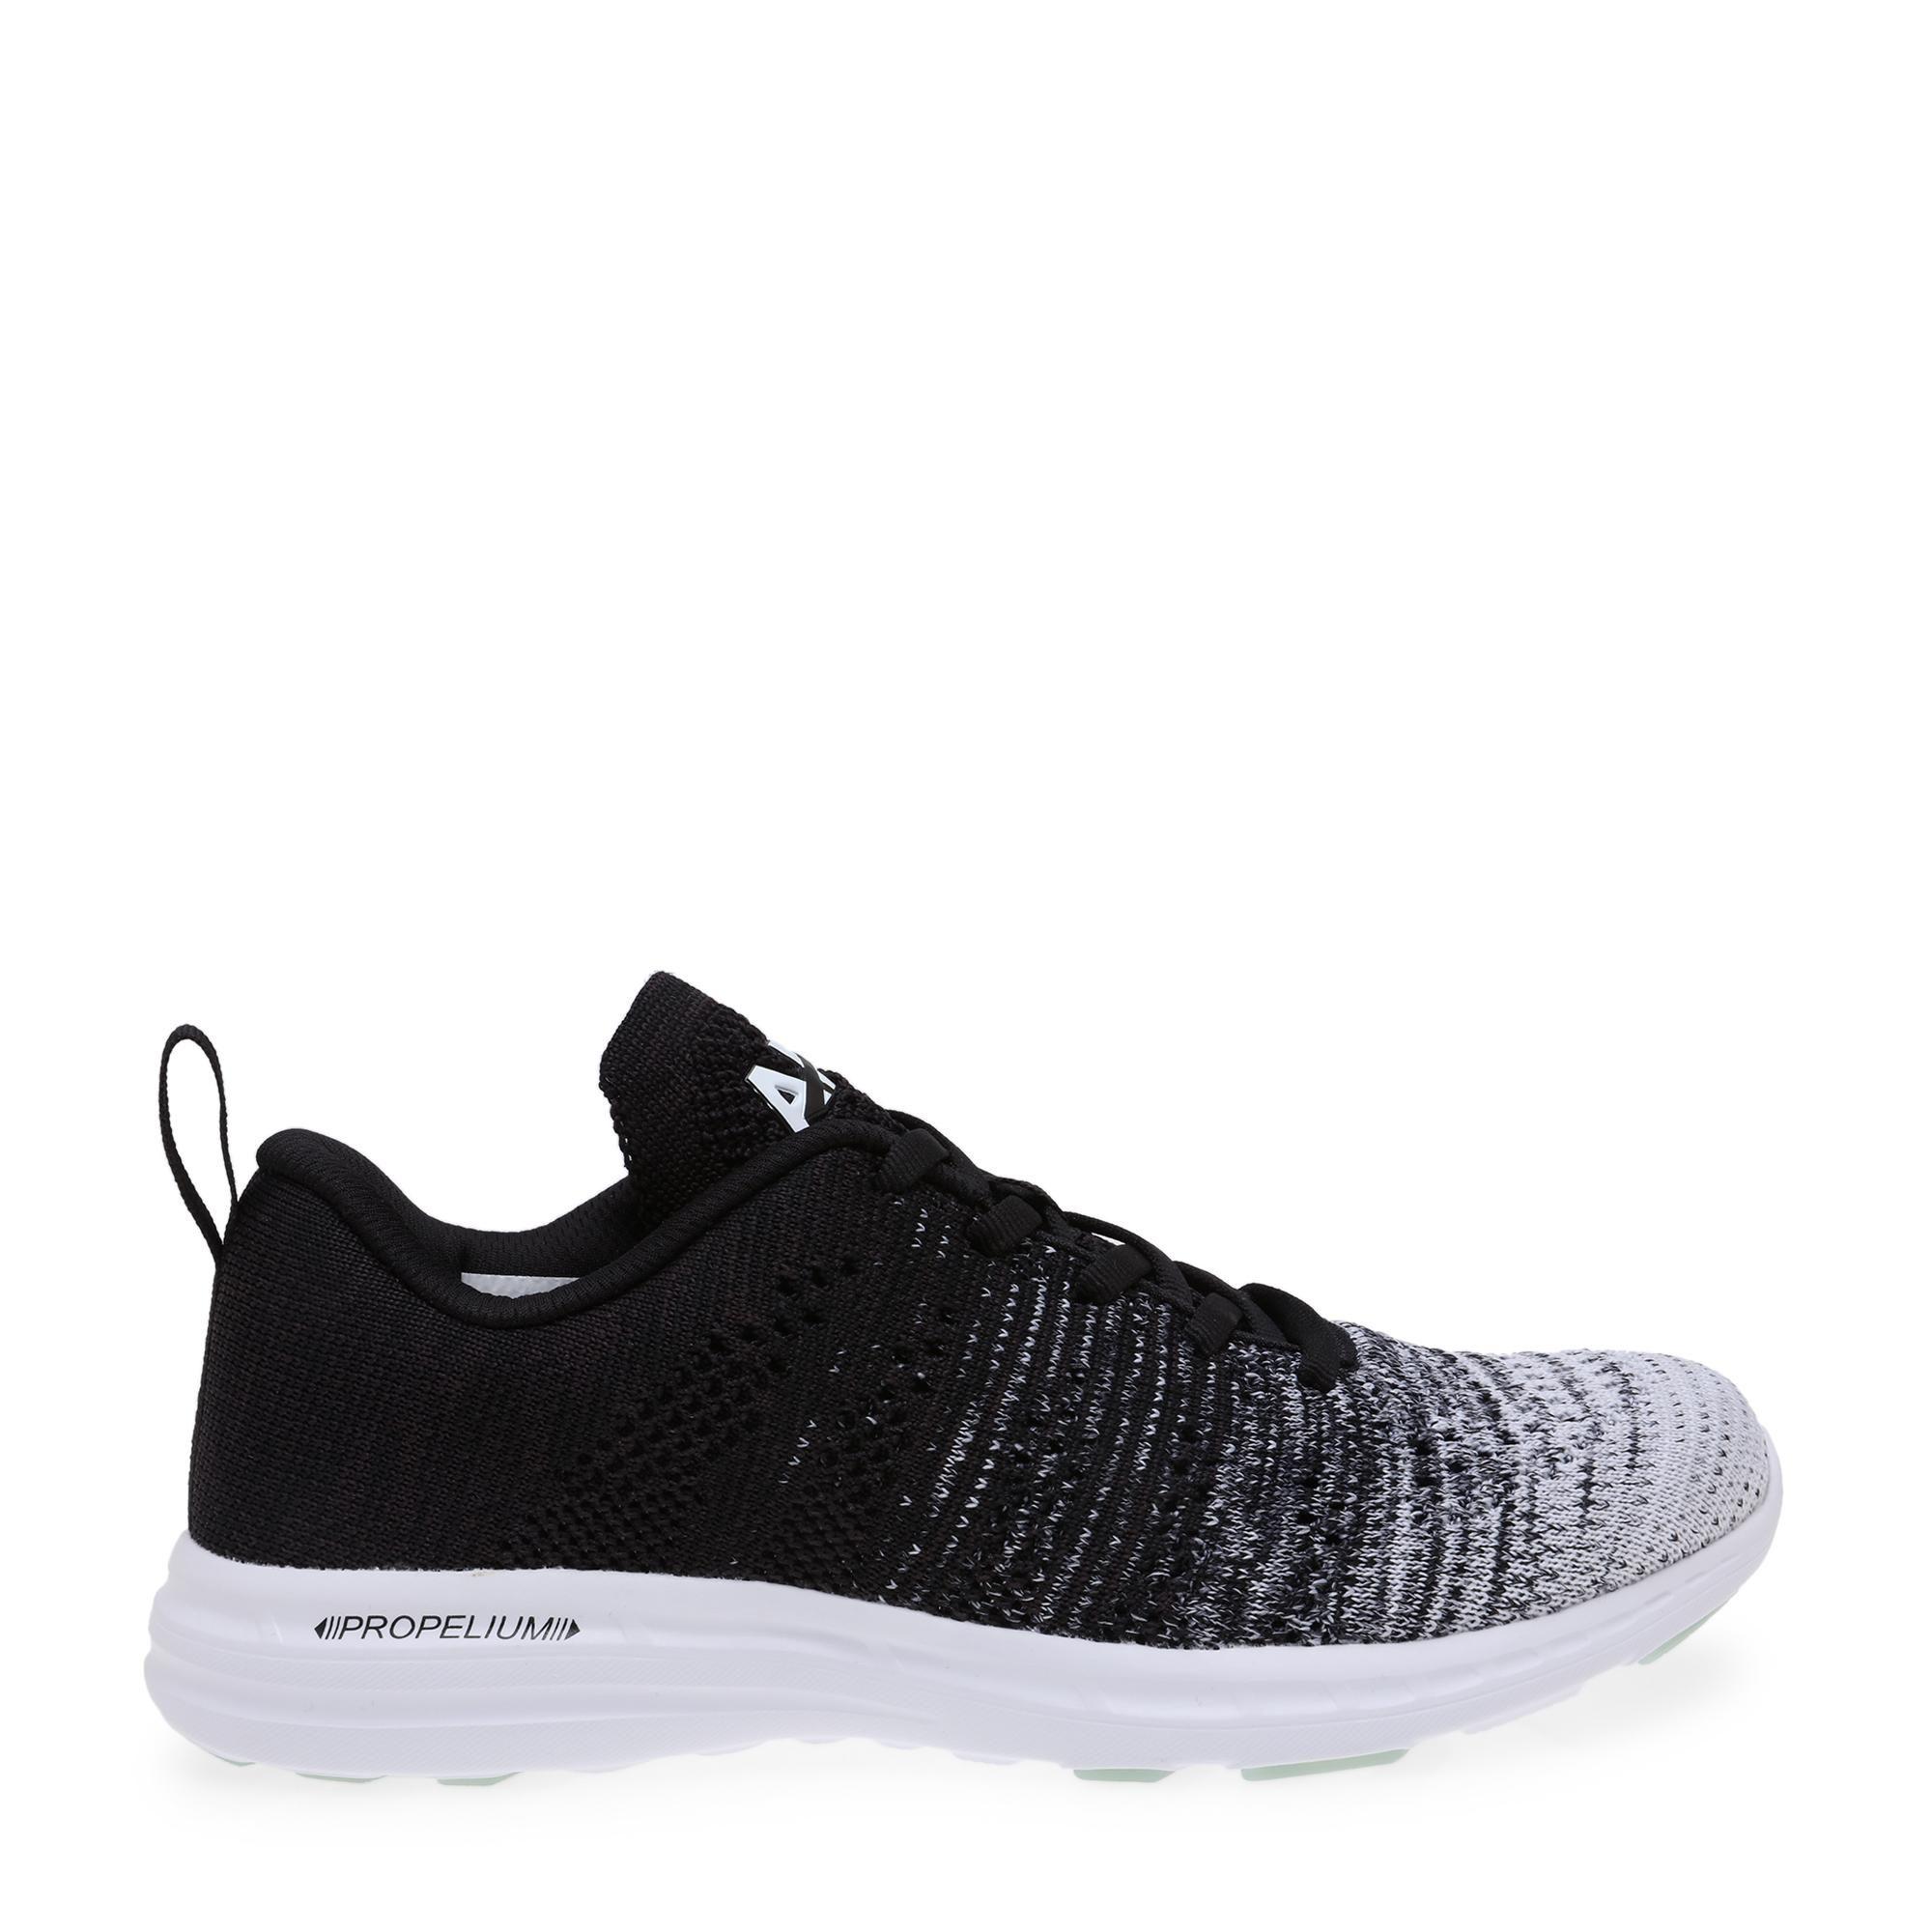 TechLoom Pro sneakers